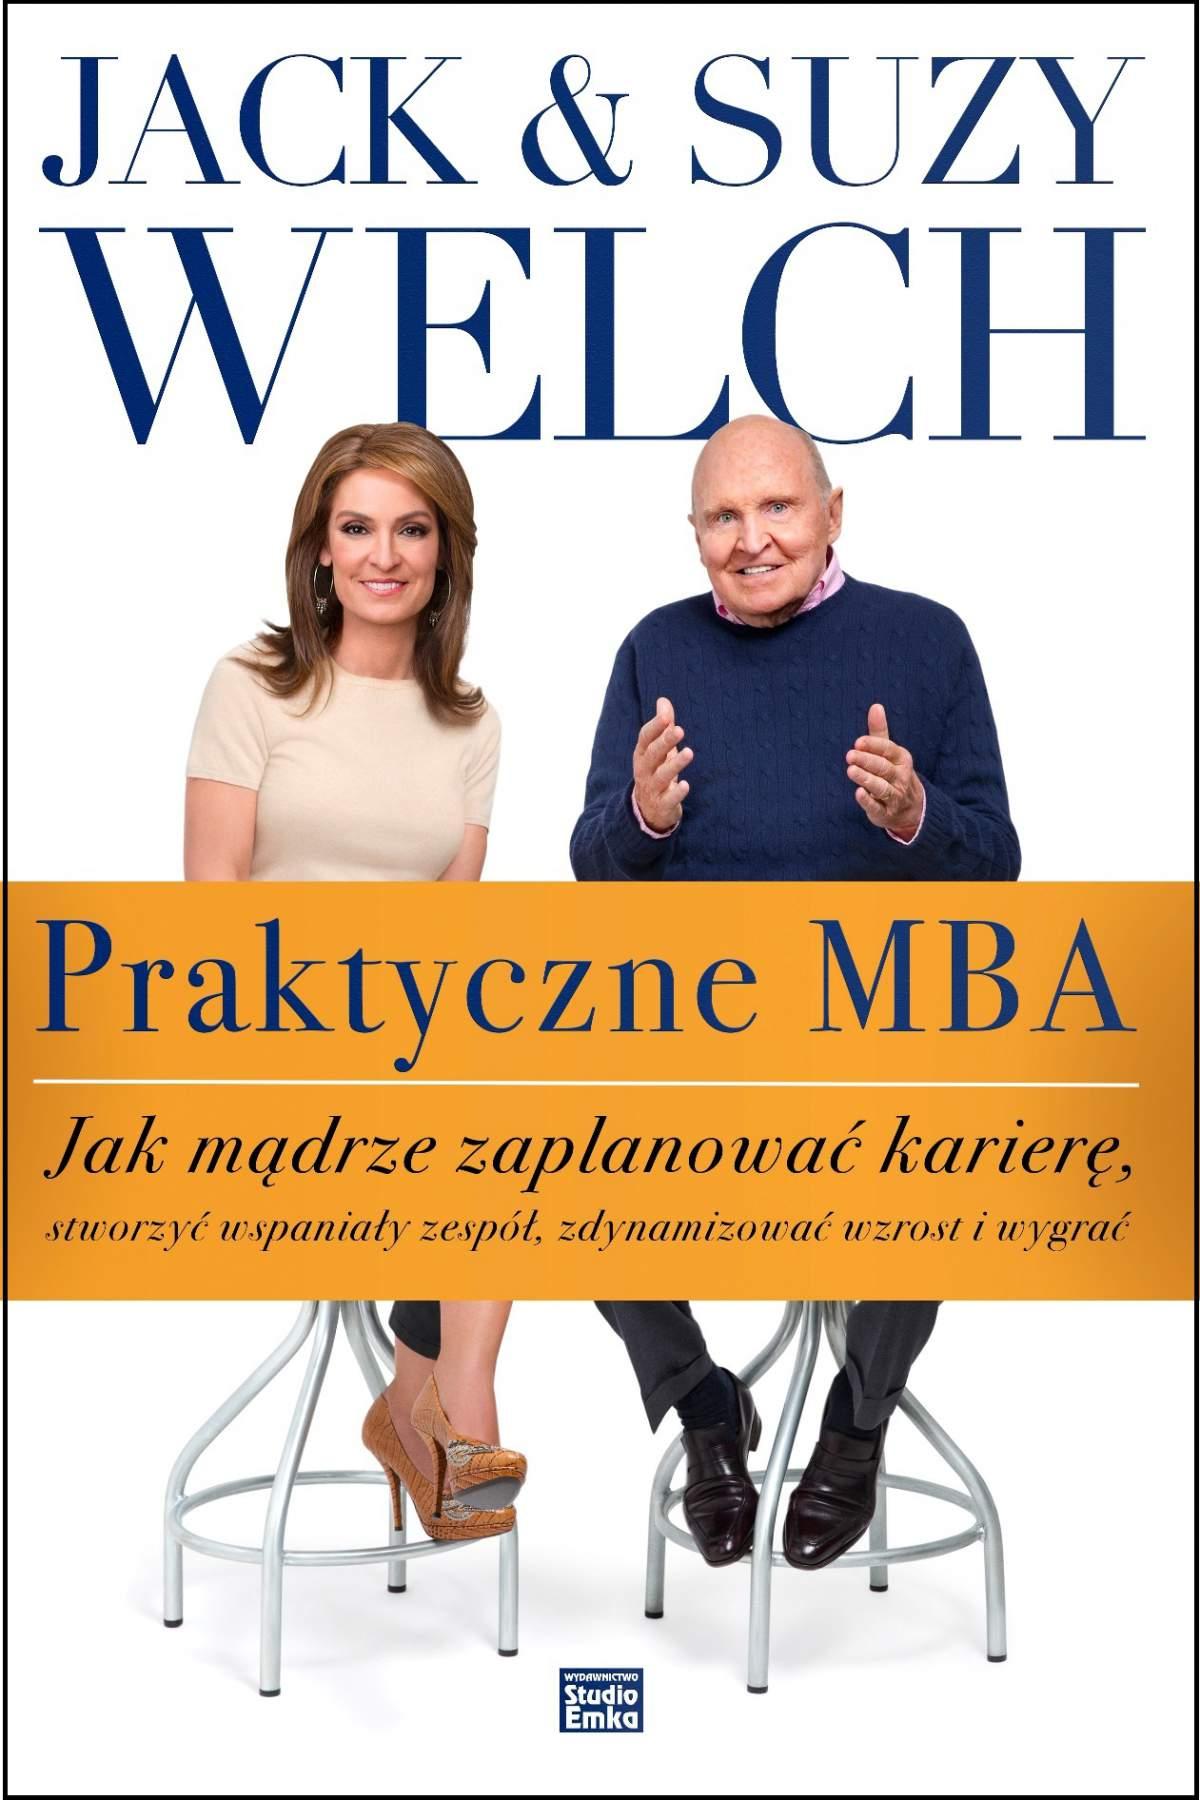 Praktyczne MBA. Jak mądrze zaplanować karierę, stworzyć wspaniały zespół, zdynamizować wzrost i wygrać - Ebook (Książka na Kindle) do pobrania w formacie MOBI